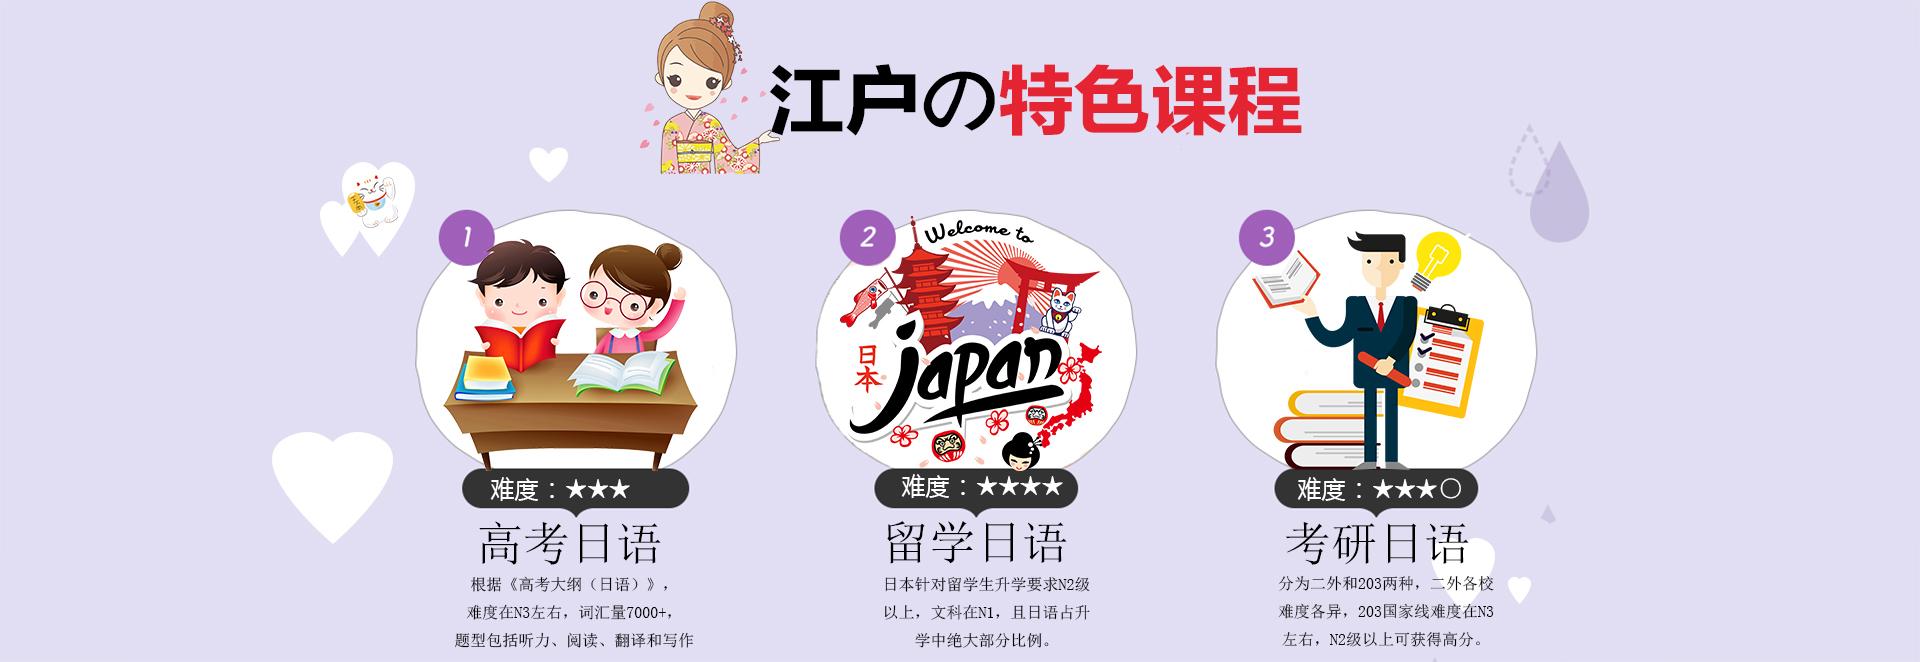 重庆日语,重庆日语培训,日本留学服务